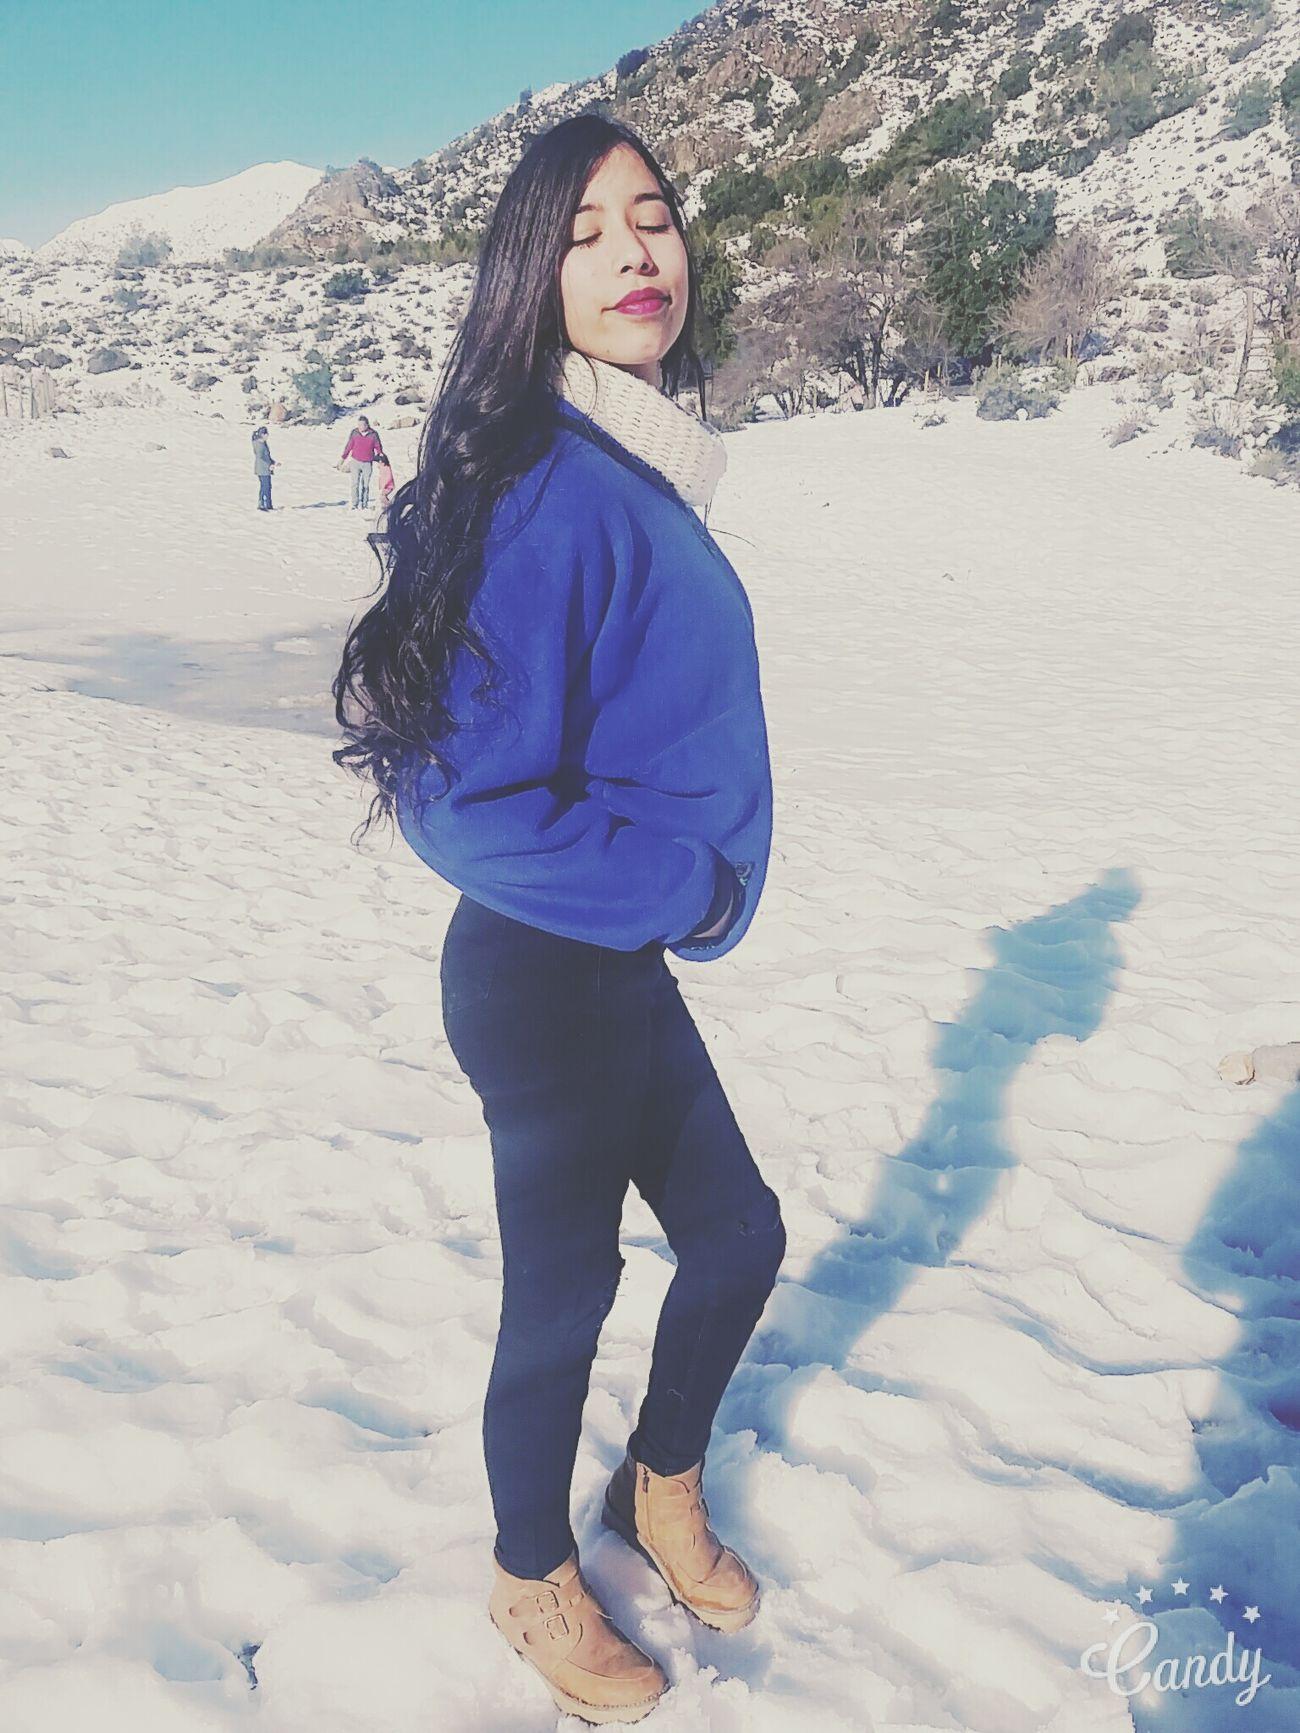 Frío❄ Likeforlike Aburrida ❤✌ Forever21 Fotografa Selfie ✌